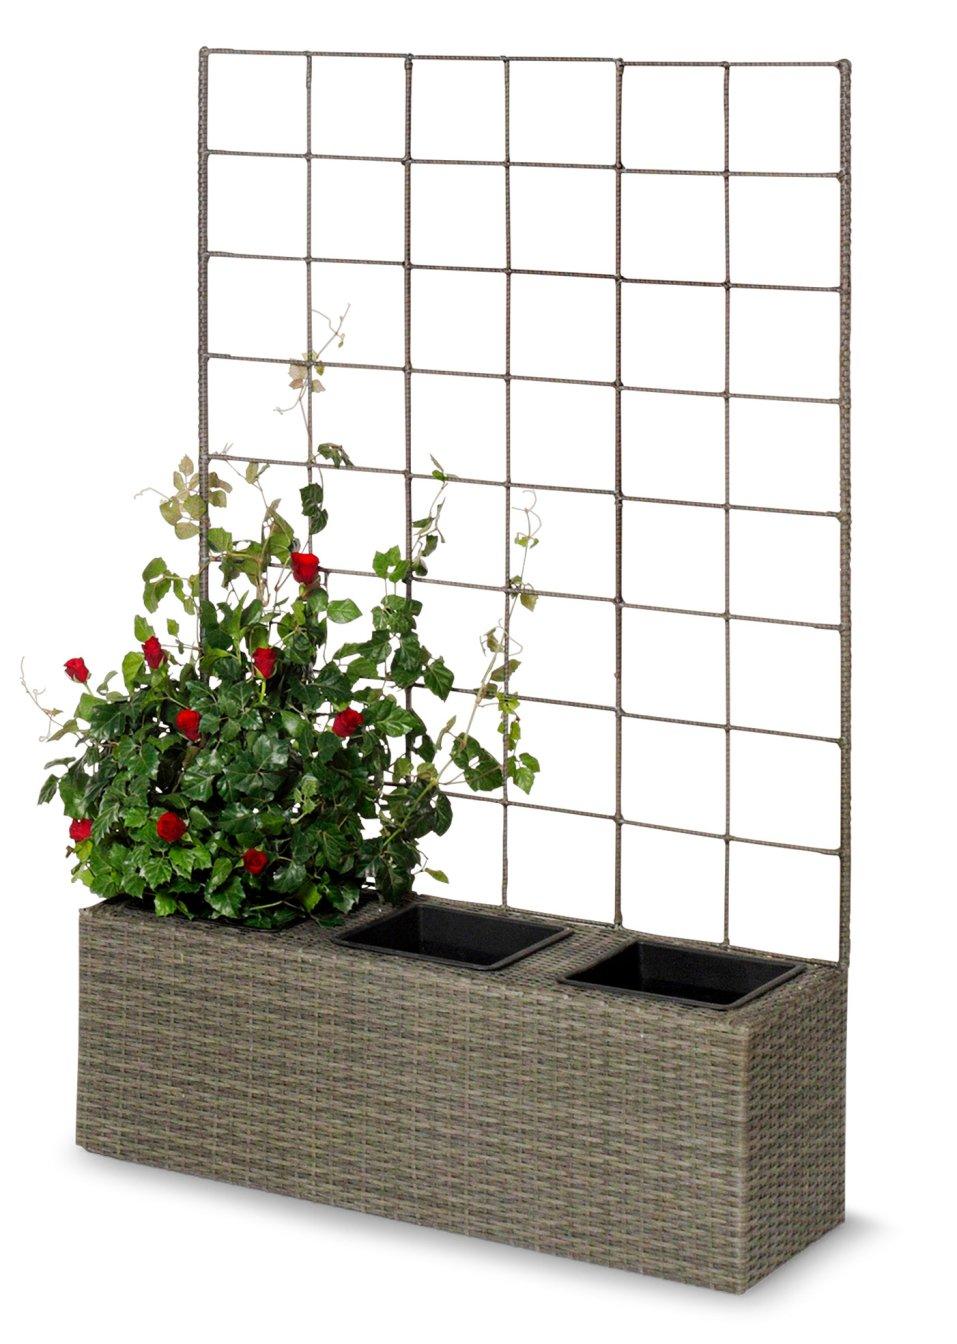 bac fleurs avec treillis paros 3 pots gris bpc living acheter online. Black Bedroom Furniture Sets. Home Design Ideas